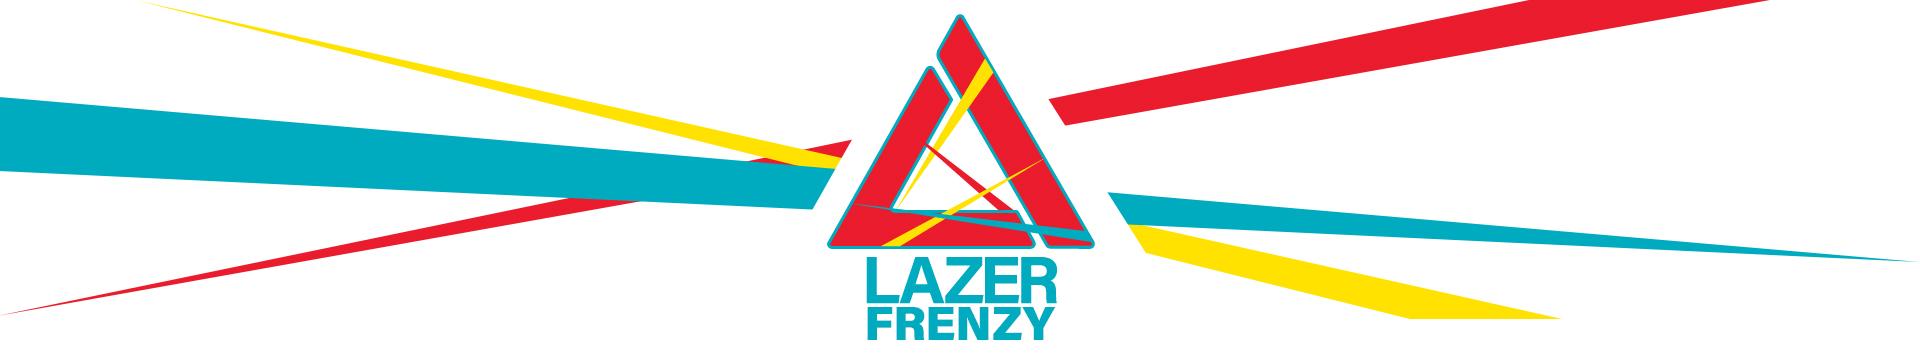 activekidz lazer frenzy